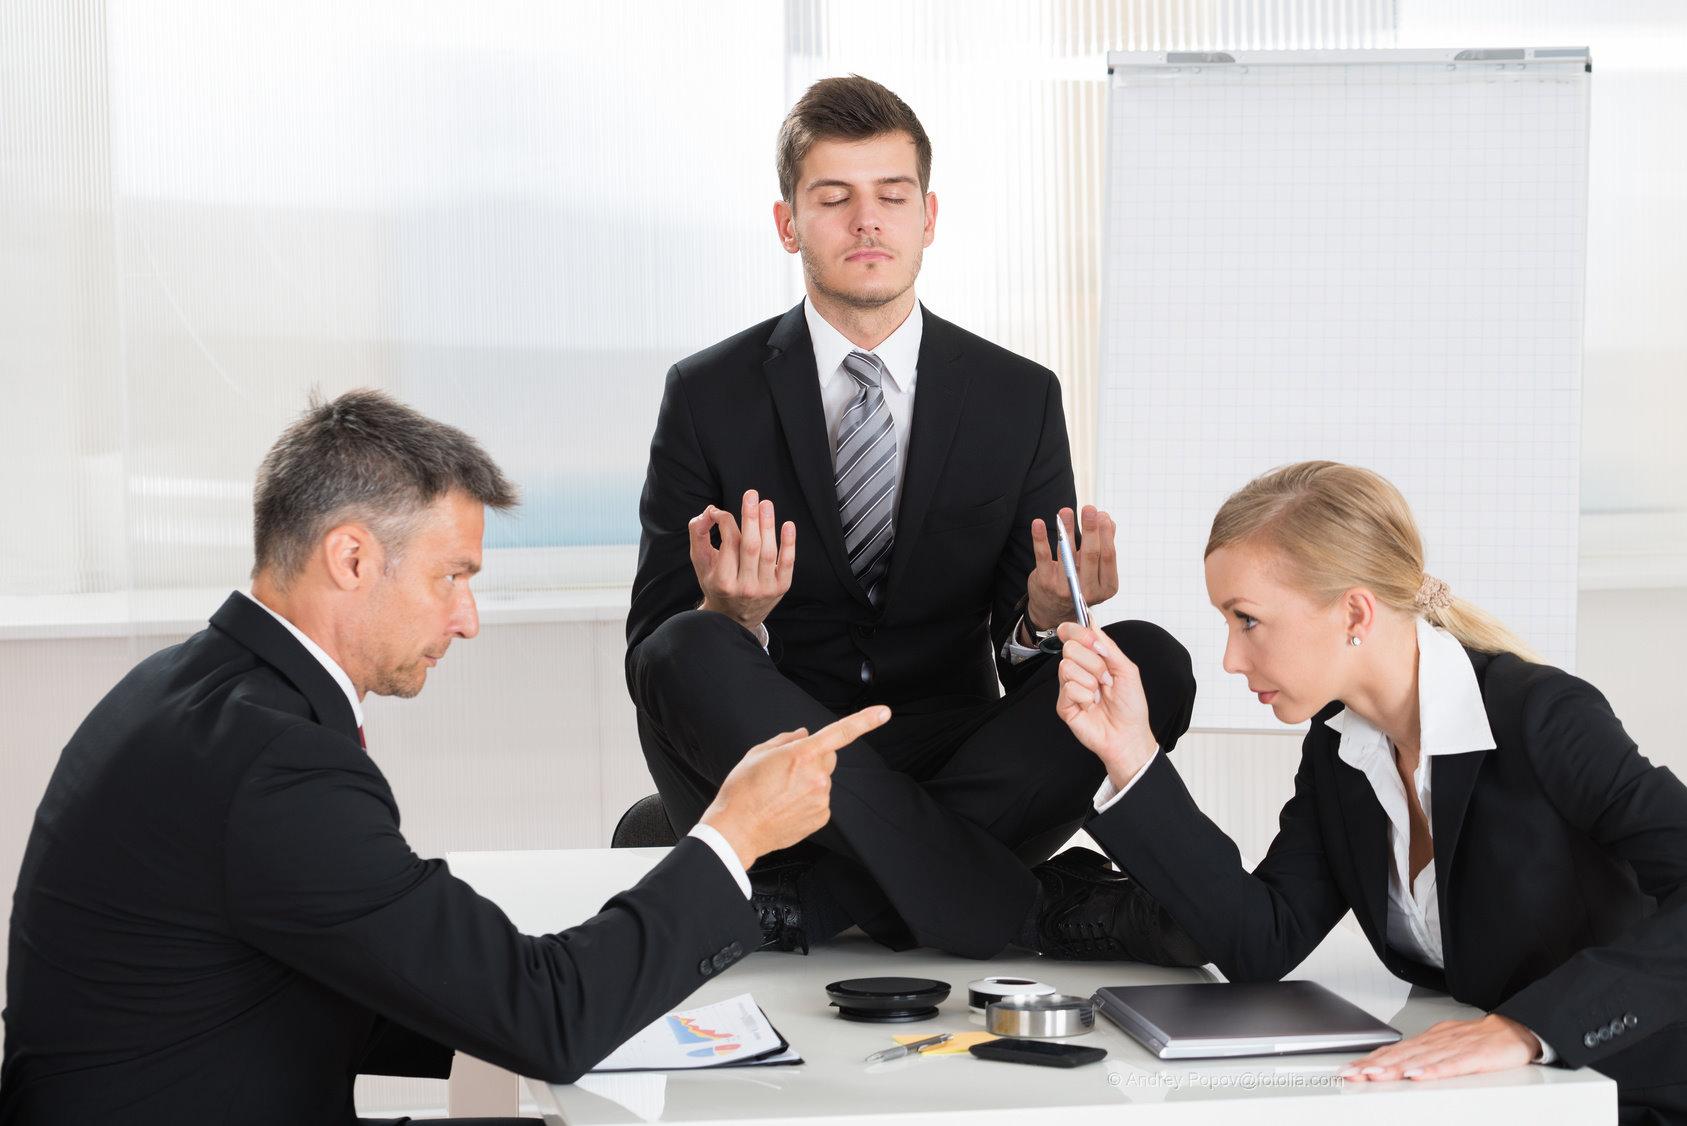 Konfliktlösungen am Arbeitsplatz